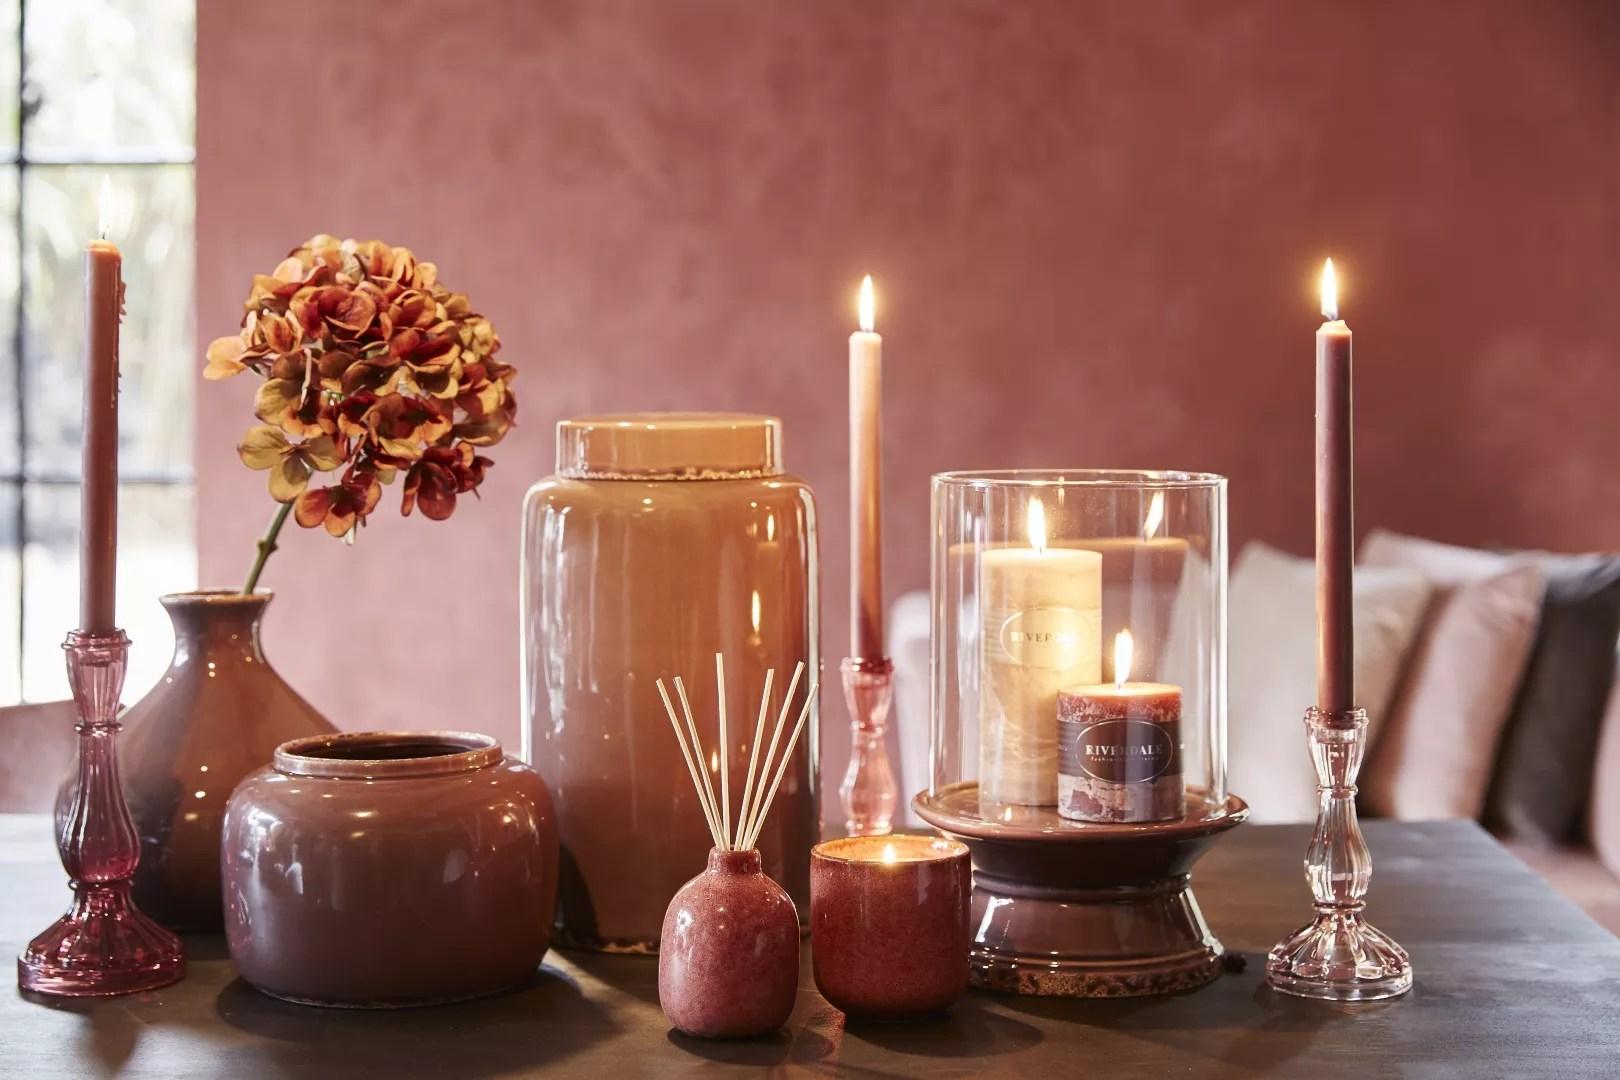 Kleurtrend Roze Interieur : Woontrends warm wijn rood aubergine oud roze u stijlvol